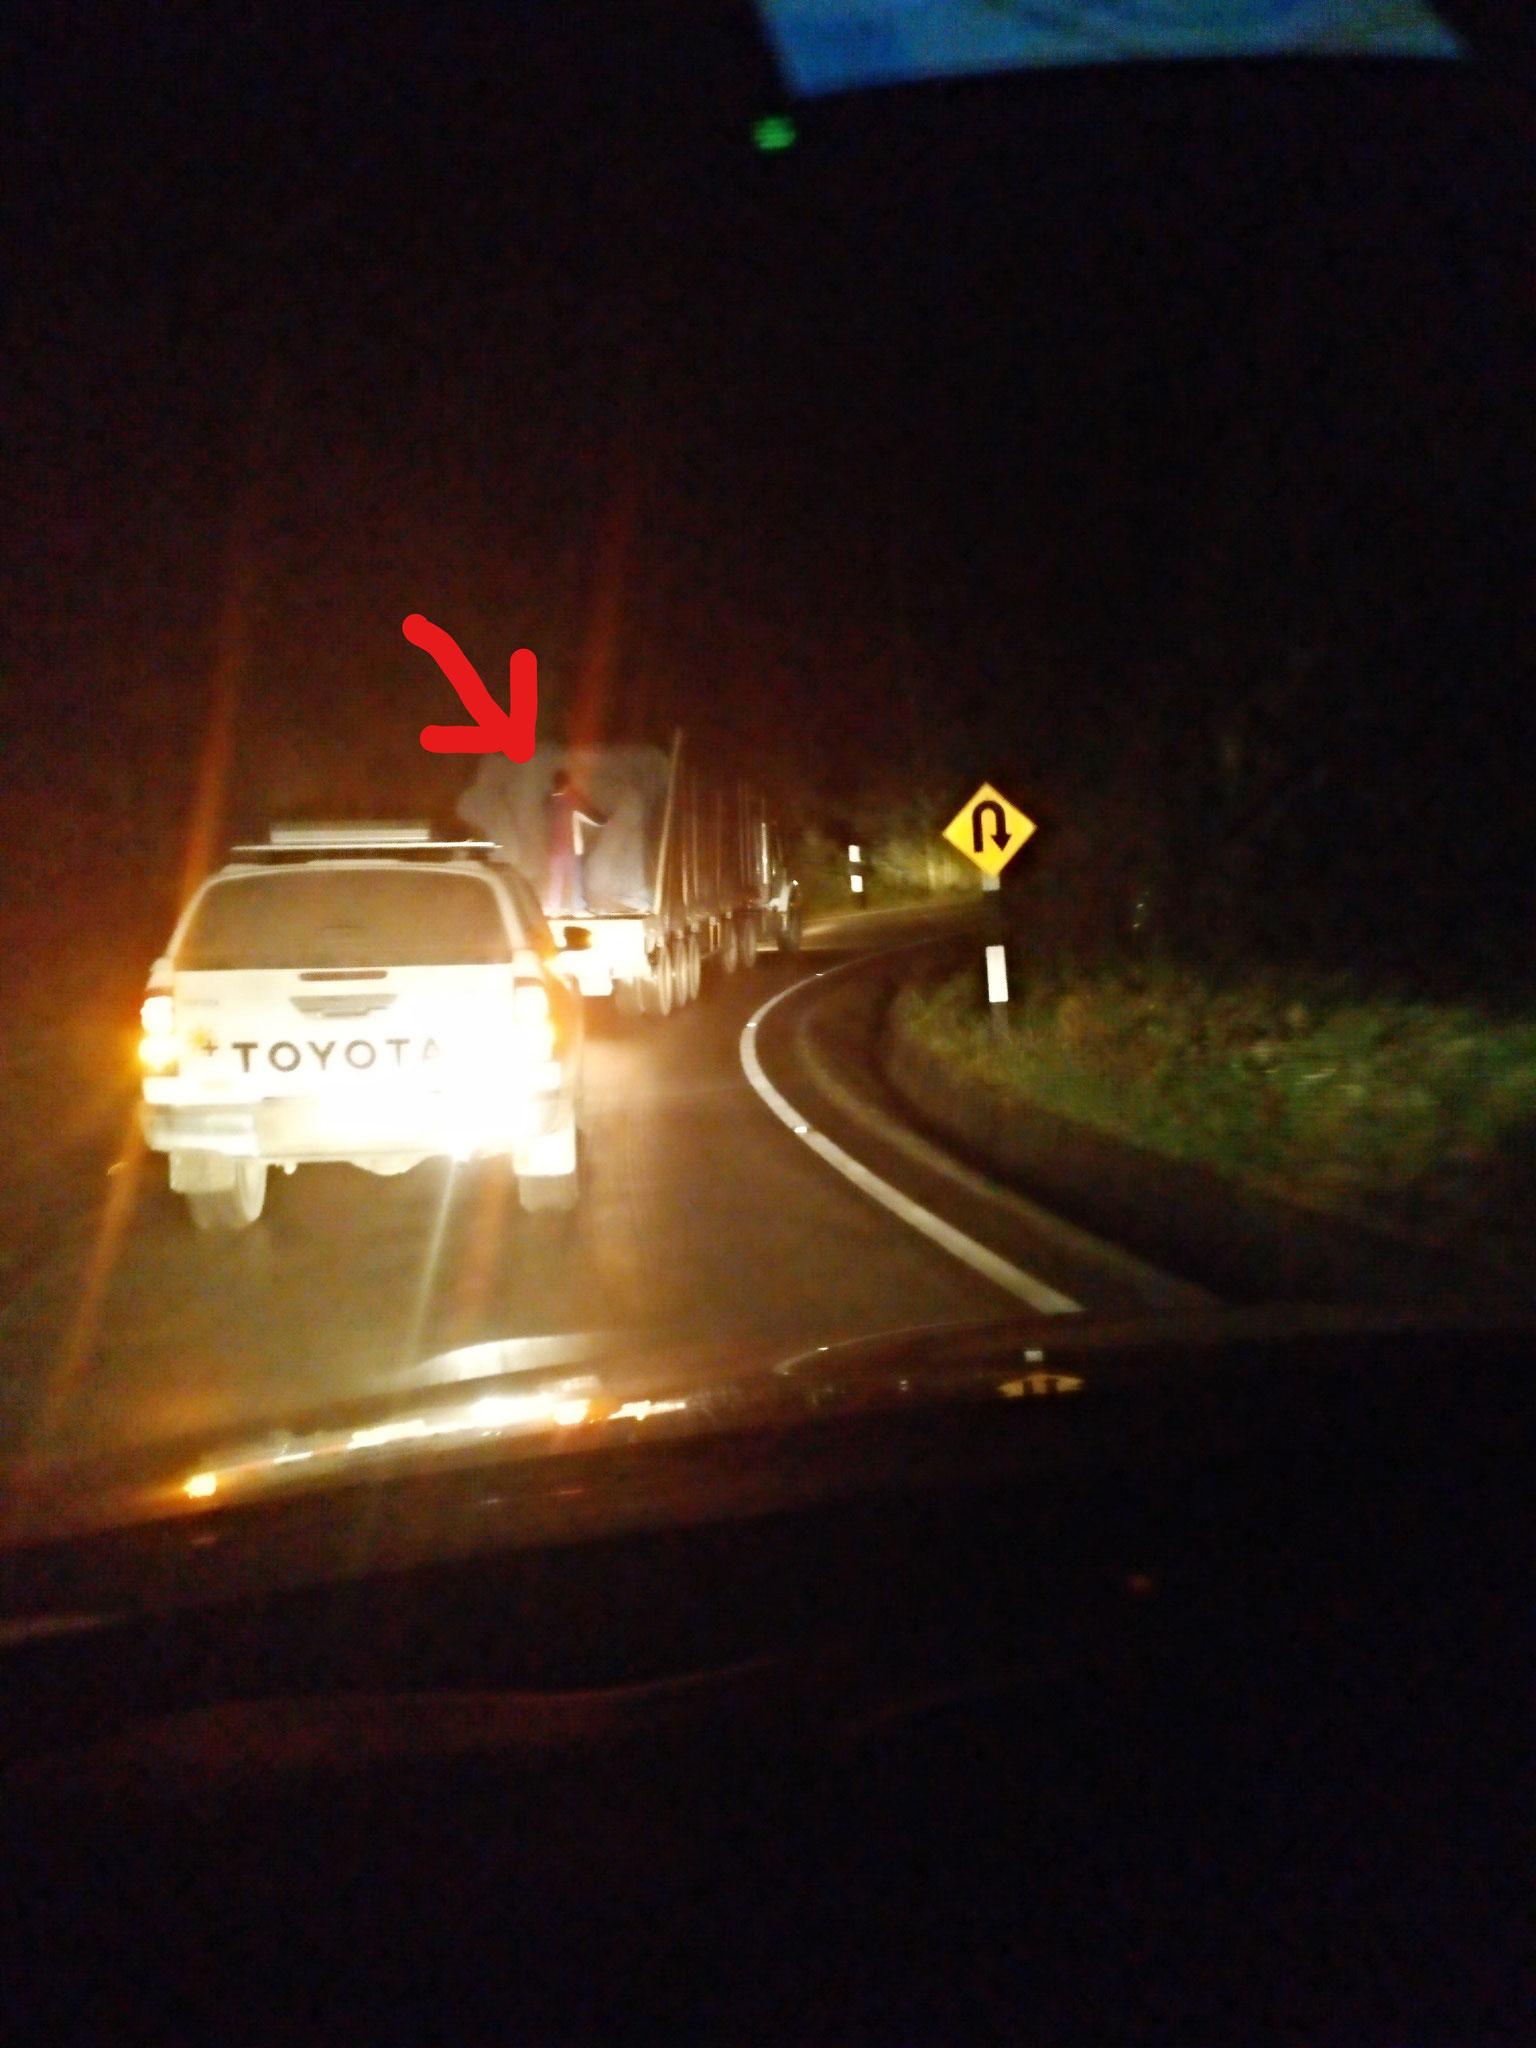 Auf der Rückfahrt wurden wir nicht nur mehrfach von der Polizei kontrolliert, sondern wiesen auch einen LKW-Fahrer darauf hin, dass er einen Dieb/blinden Passagier geladen hatte (Außentemperatur 3-8°C).